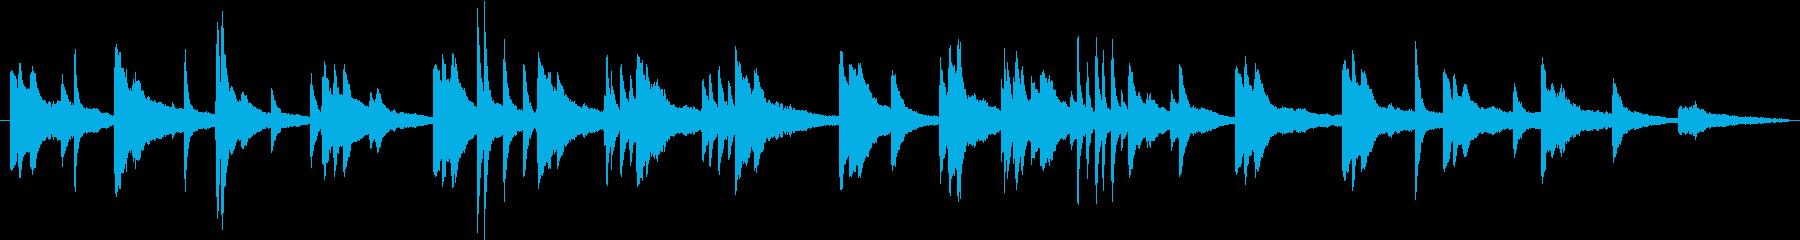 リラックスできるピアノ曲の再生済みの波形